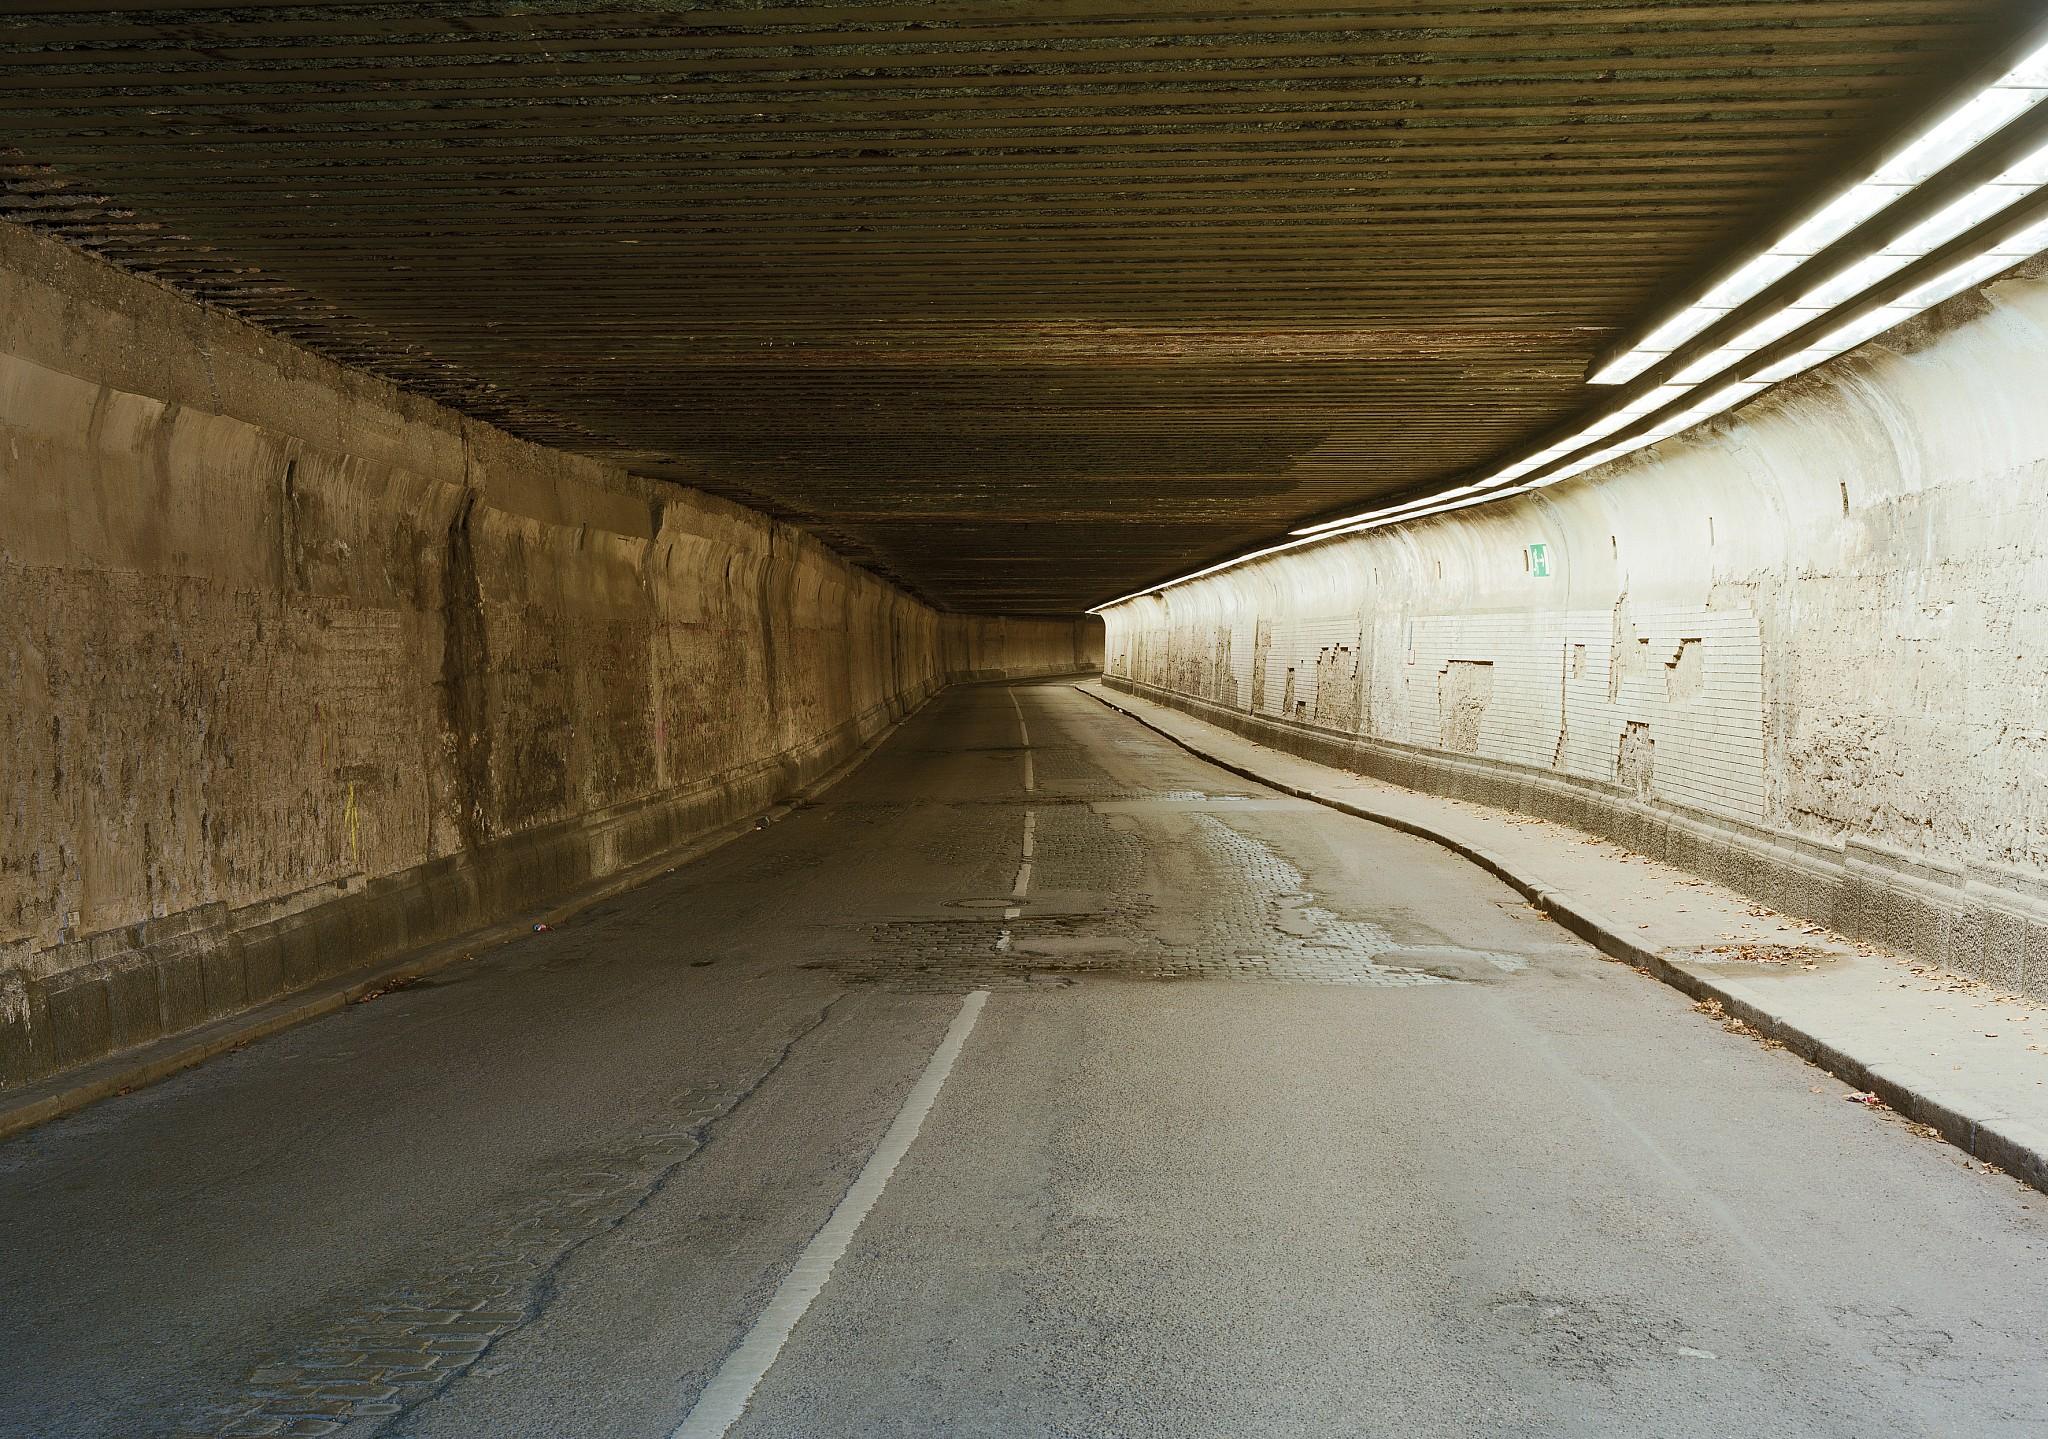 Kein Abgesang auf die Schönheit: Laurenz Berges sanfte Aufnahme eines Tunnels in Duisburg